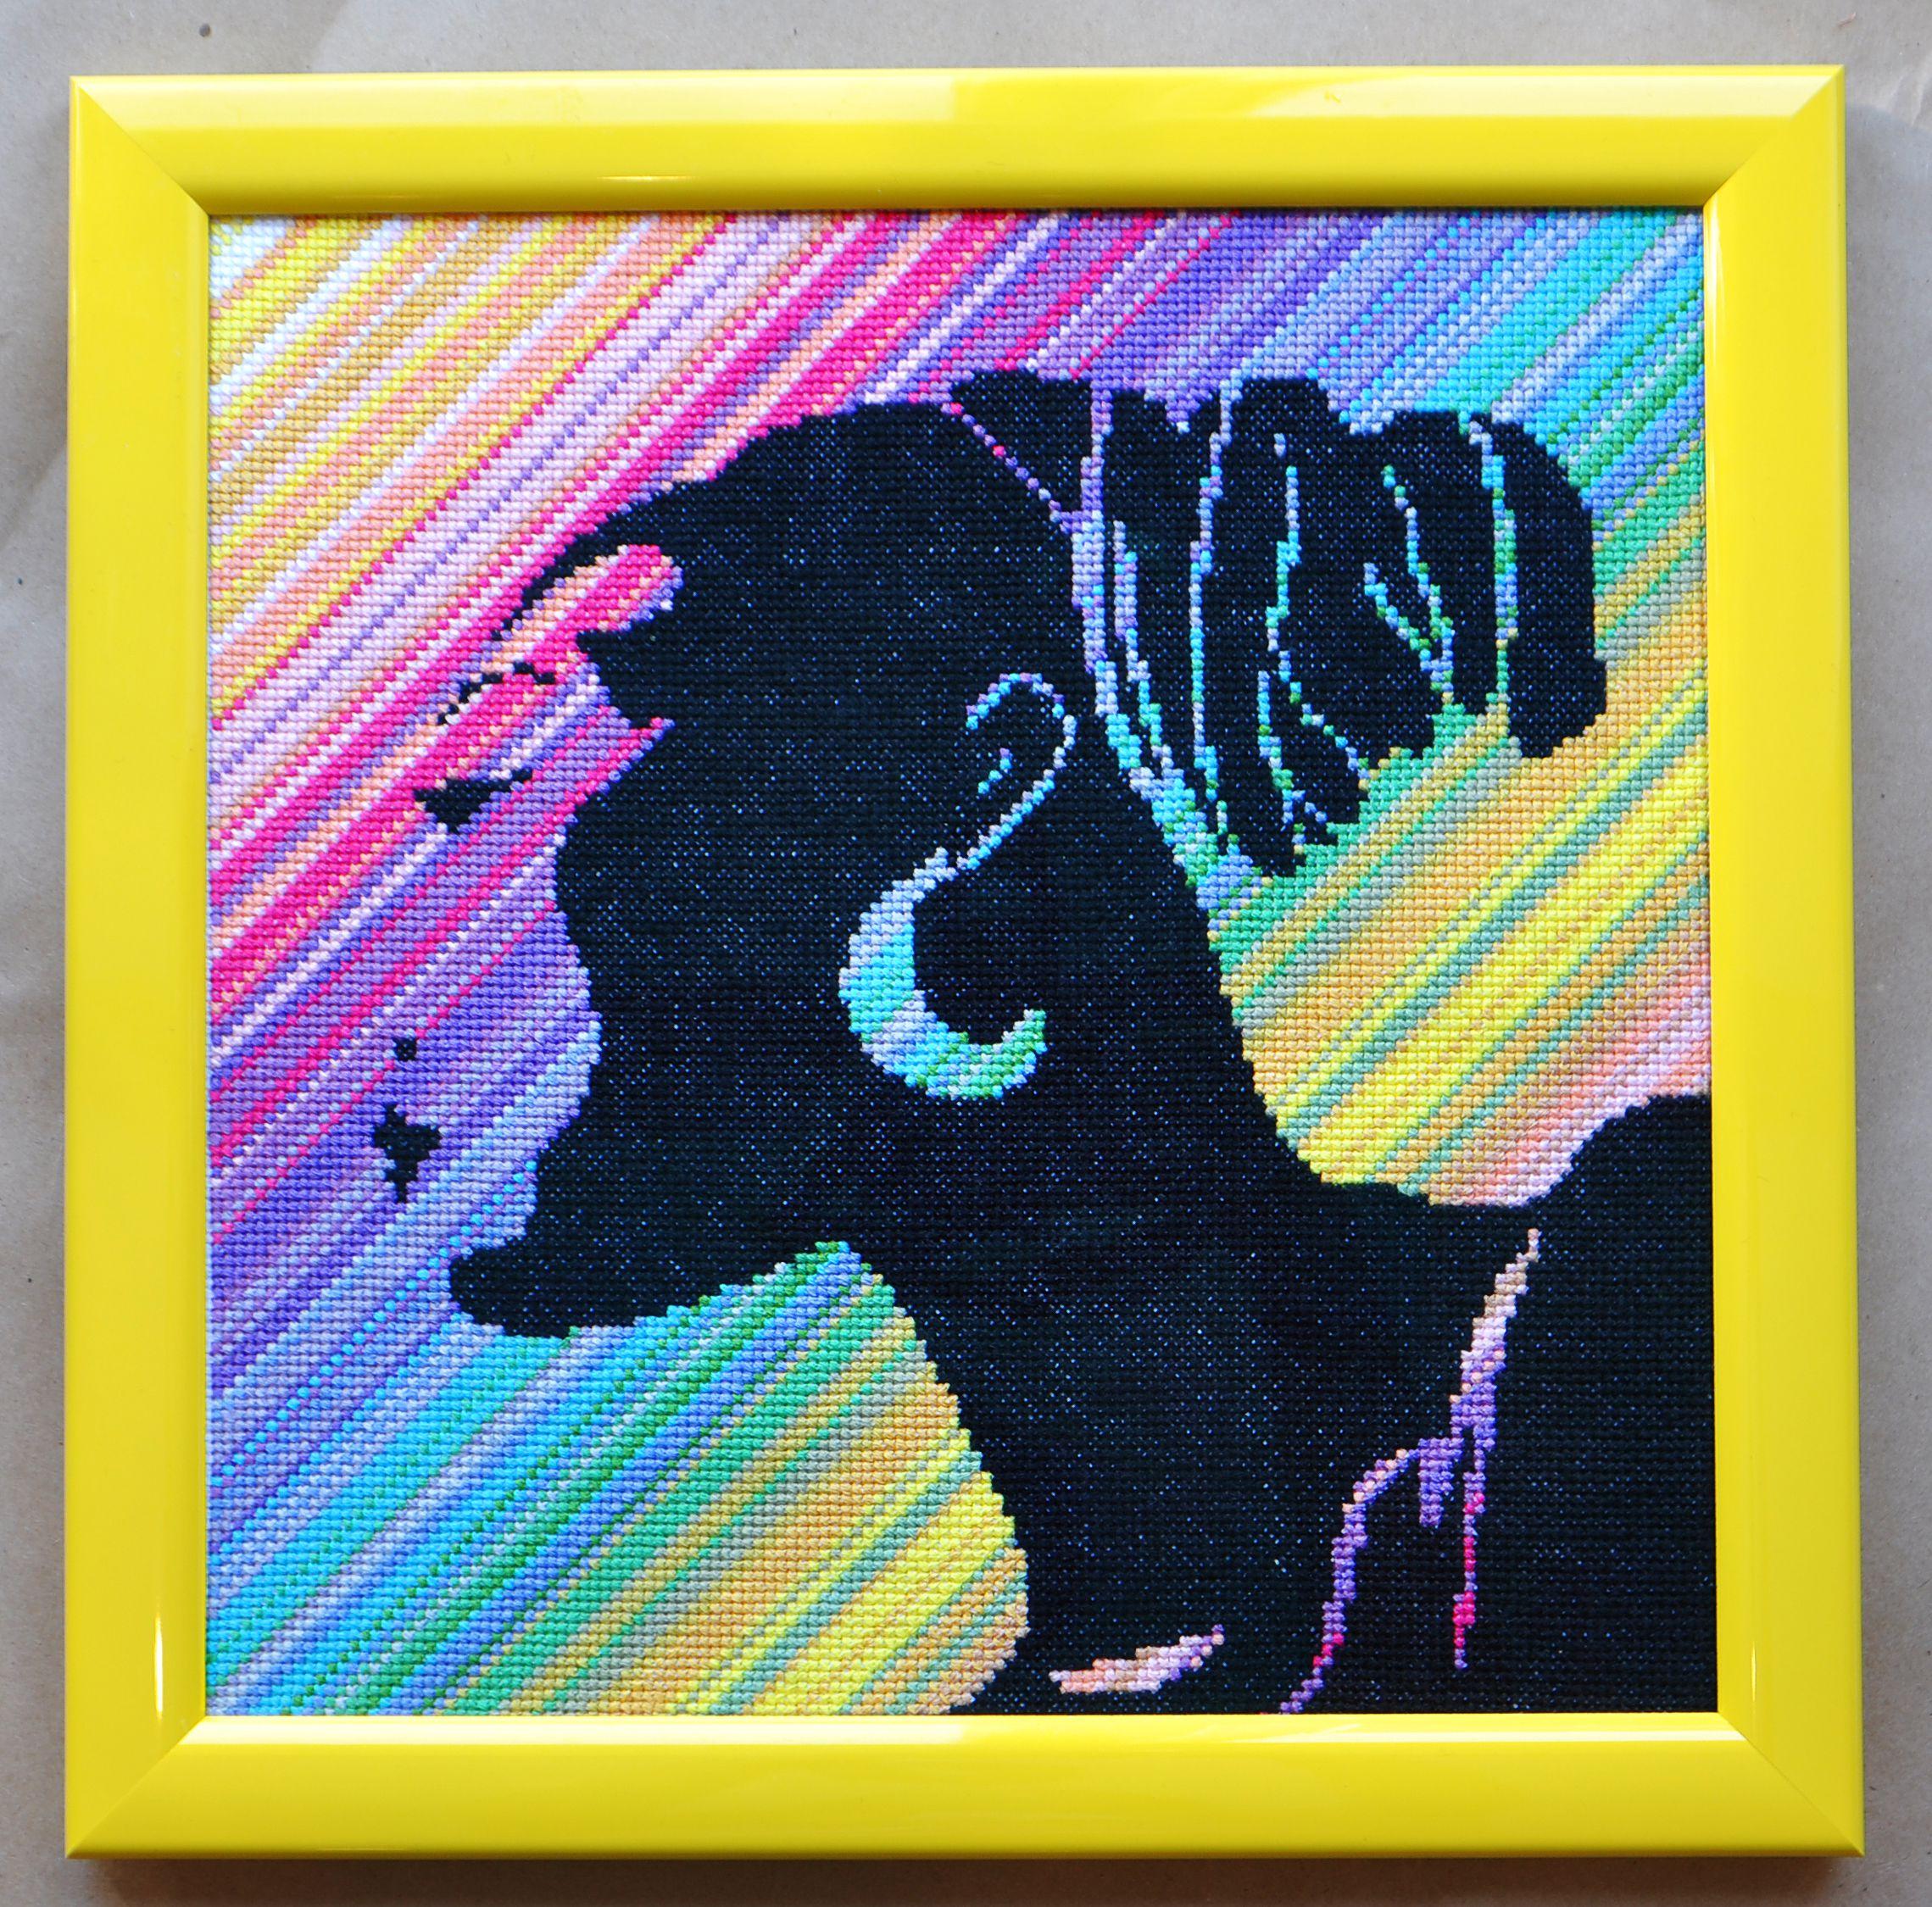 вышитая крестом вышивка негритянка картина